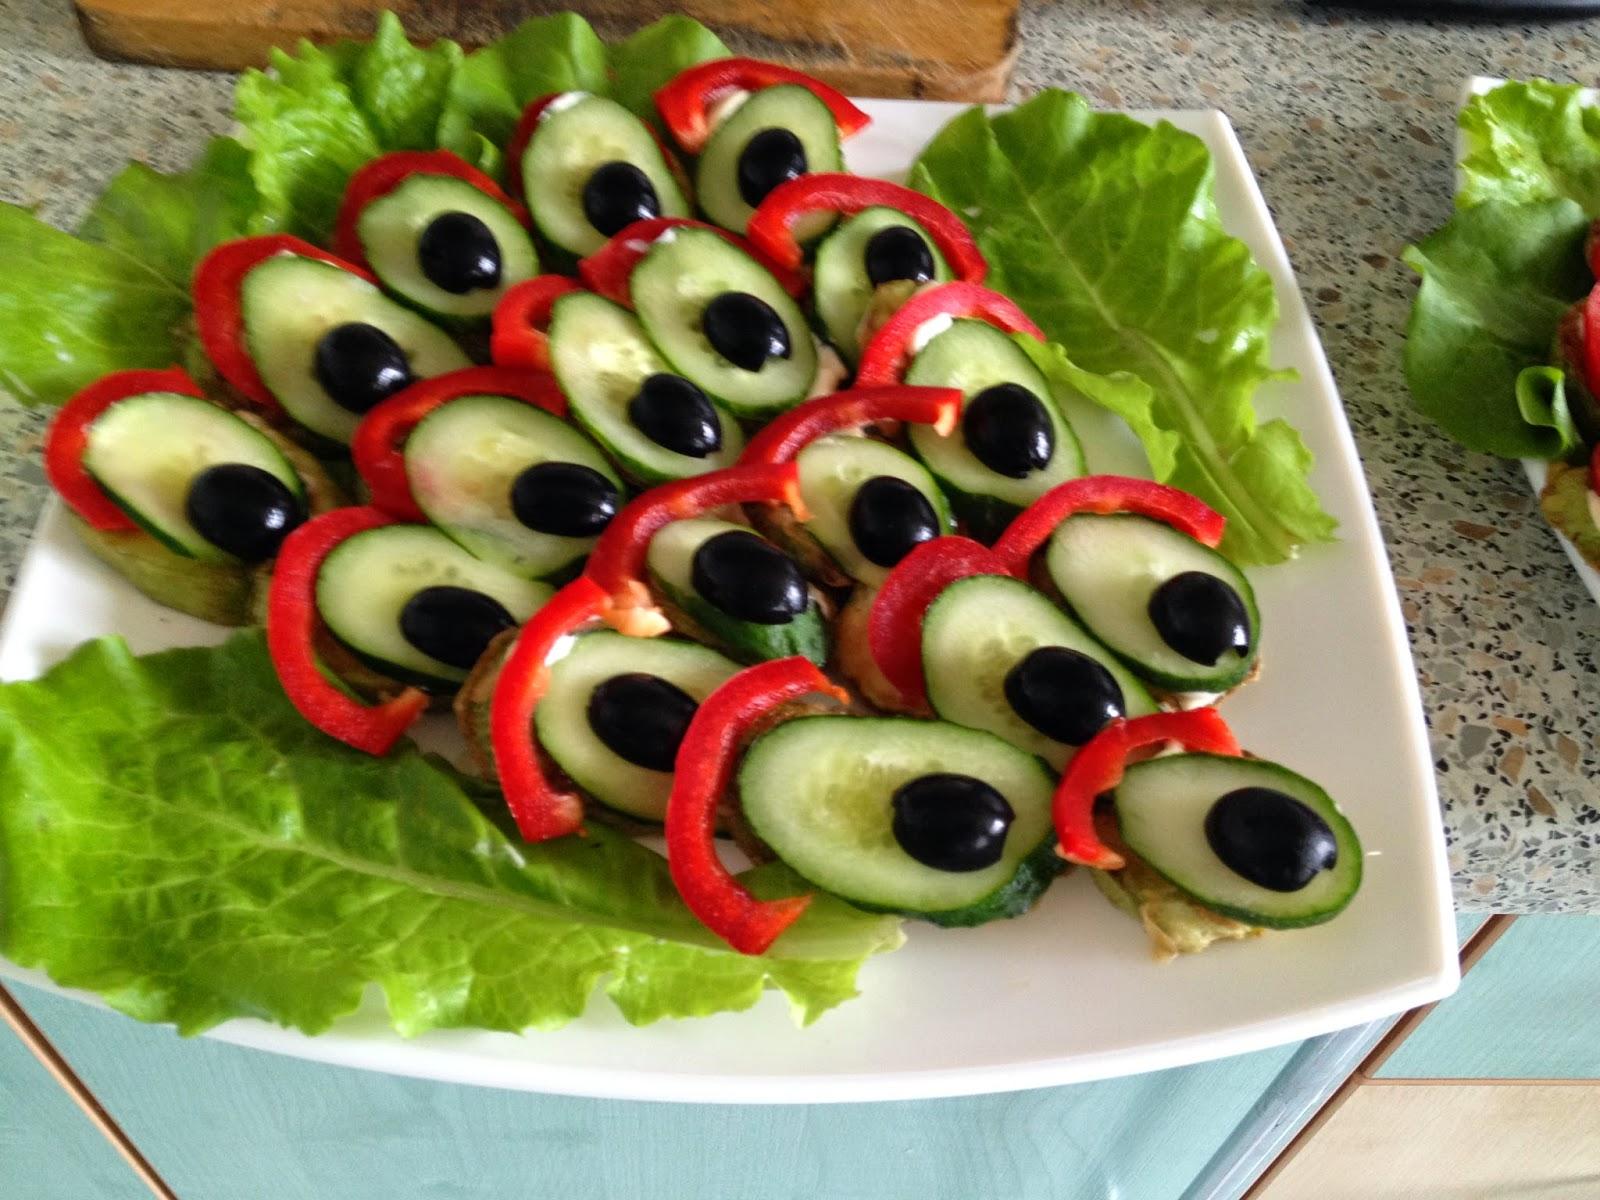 Салат мимоза - классический рецепт салата лёгкий в приготовлении и невероятно нежный на вкус.